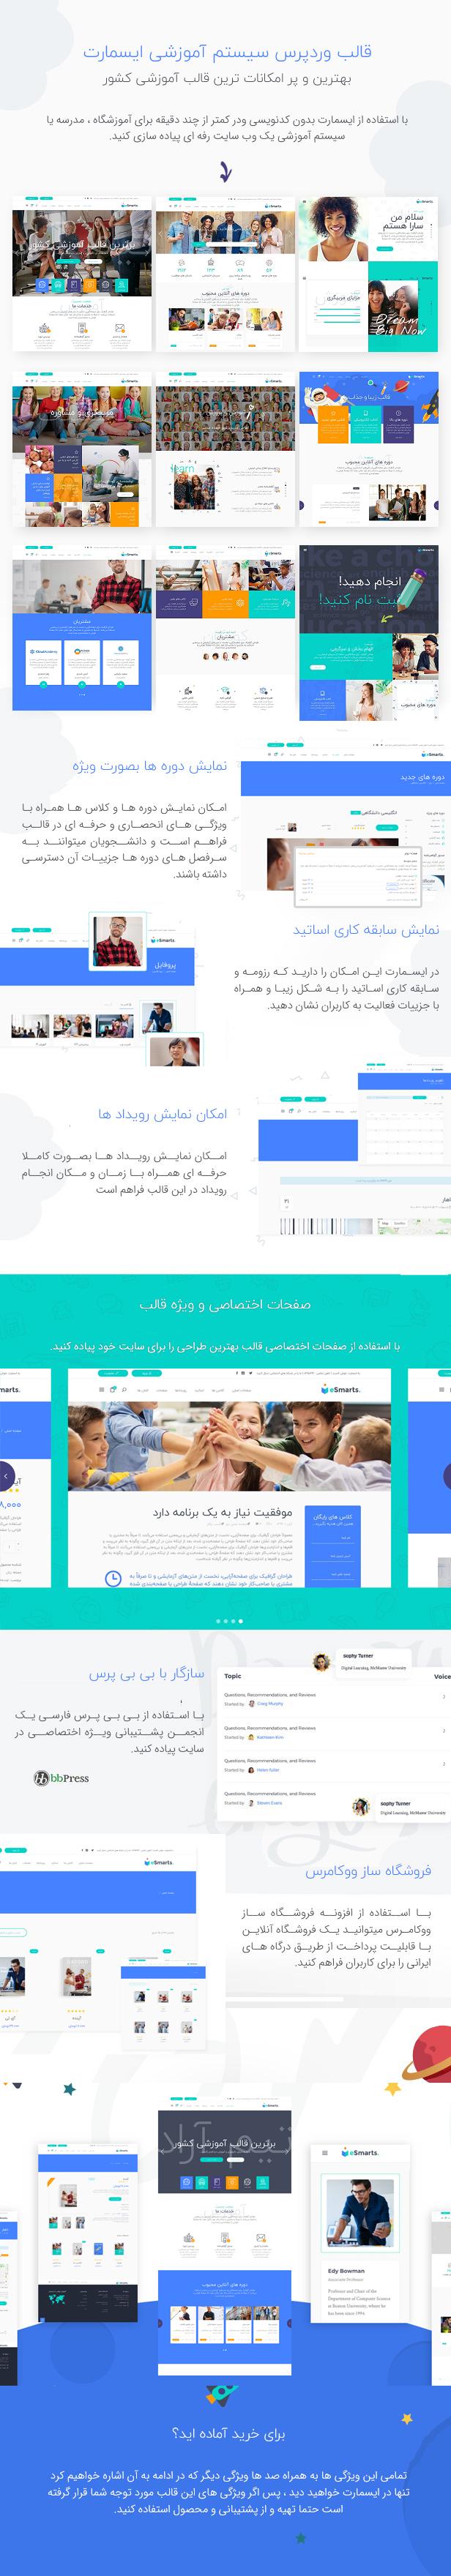 قالب وردپرس آموزش آنلاین Esmart